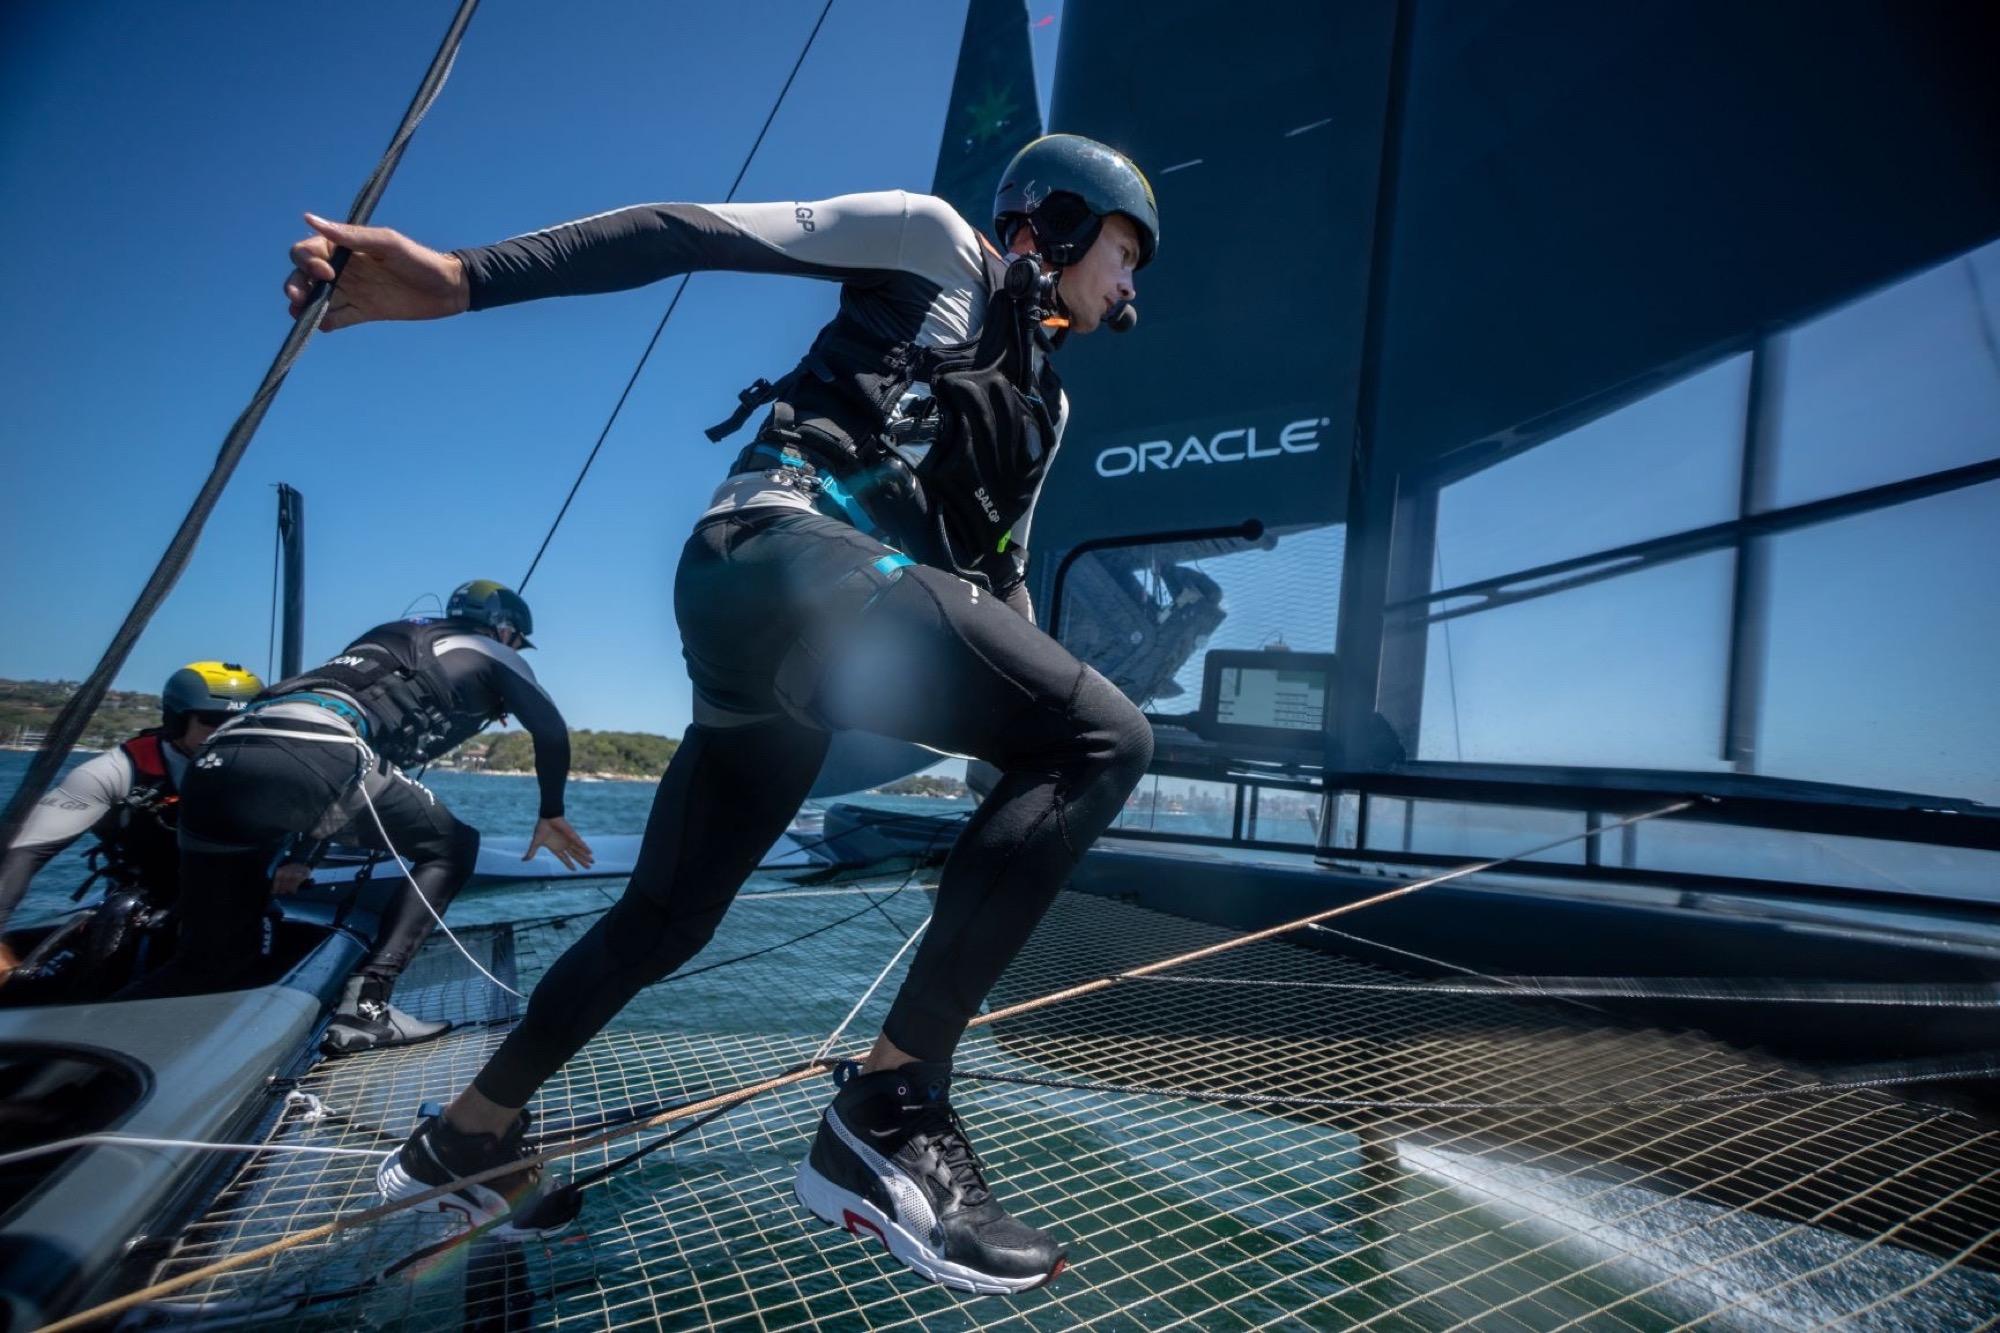 sail-gp.jpg